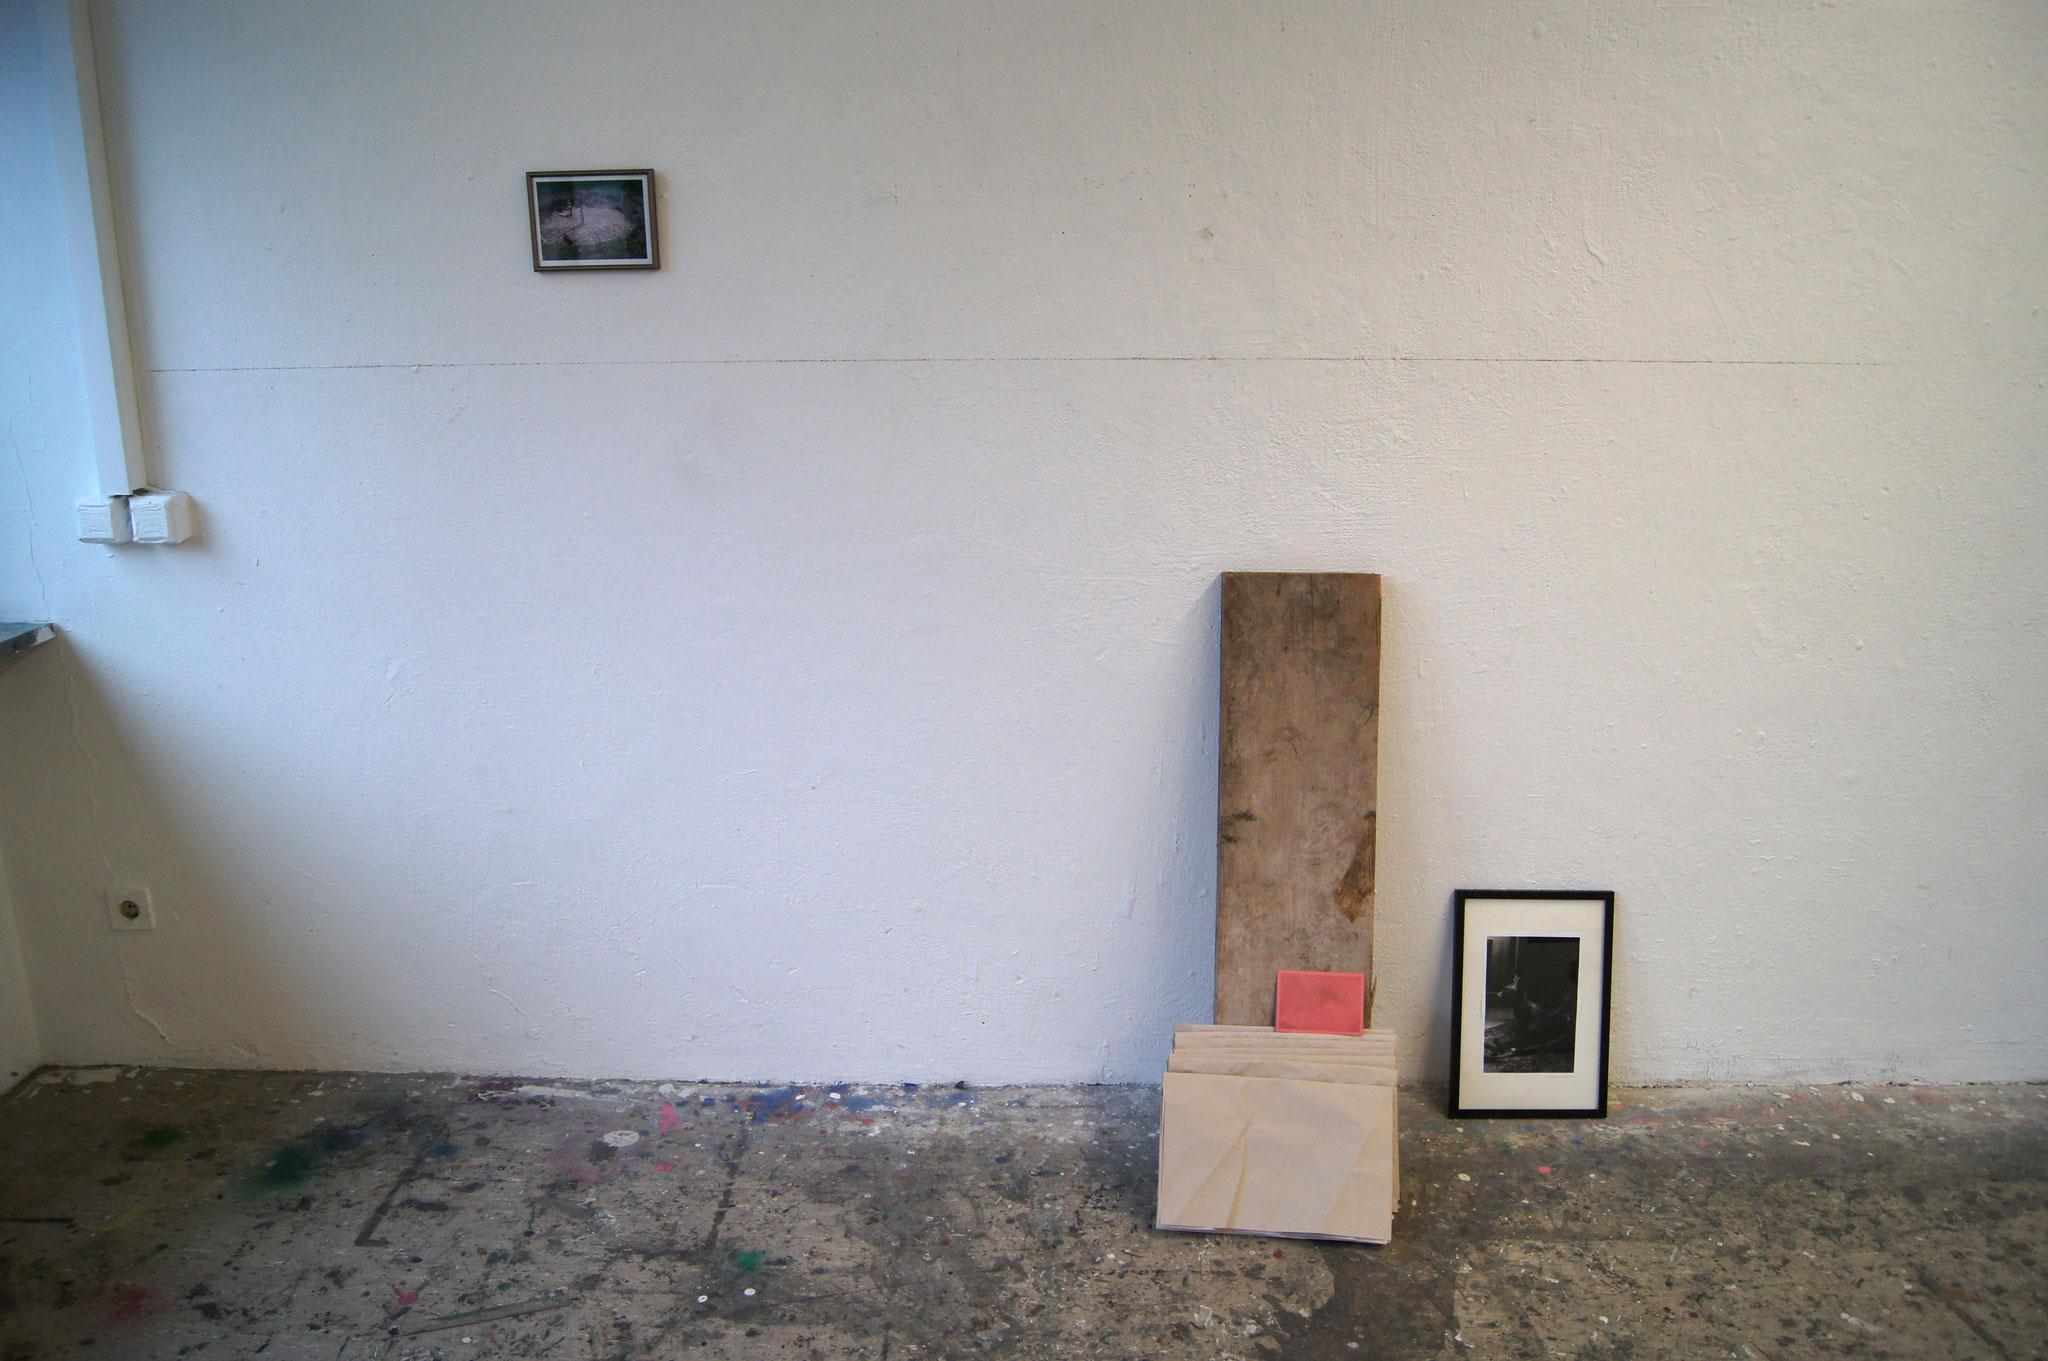 le katz und co, Ausstellungsansicht Rundgang Mainz, in Zusammenarbeit mit Kevin Monot mehrtelige Installation, 2014